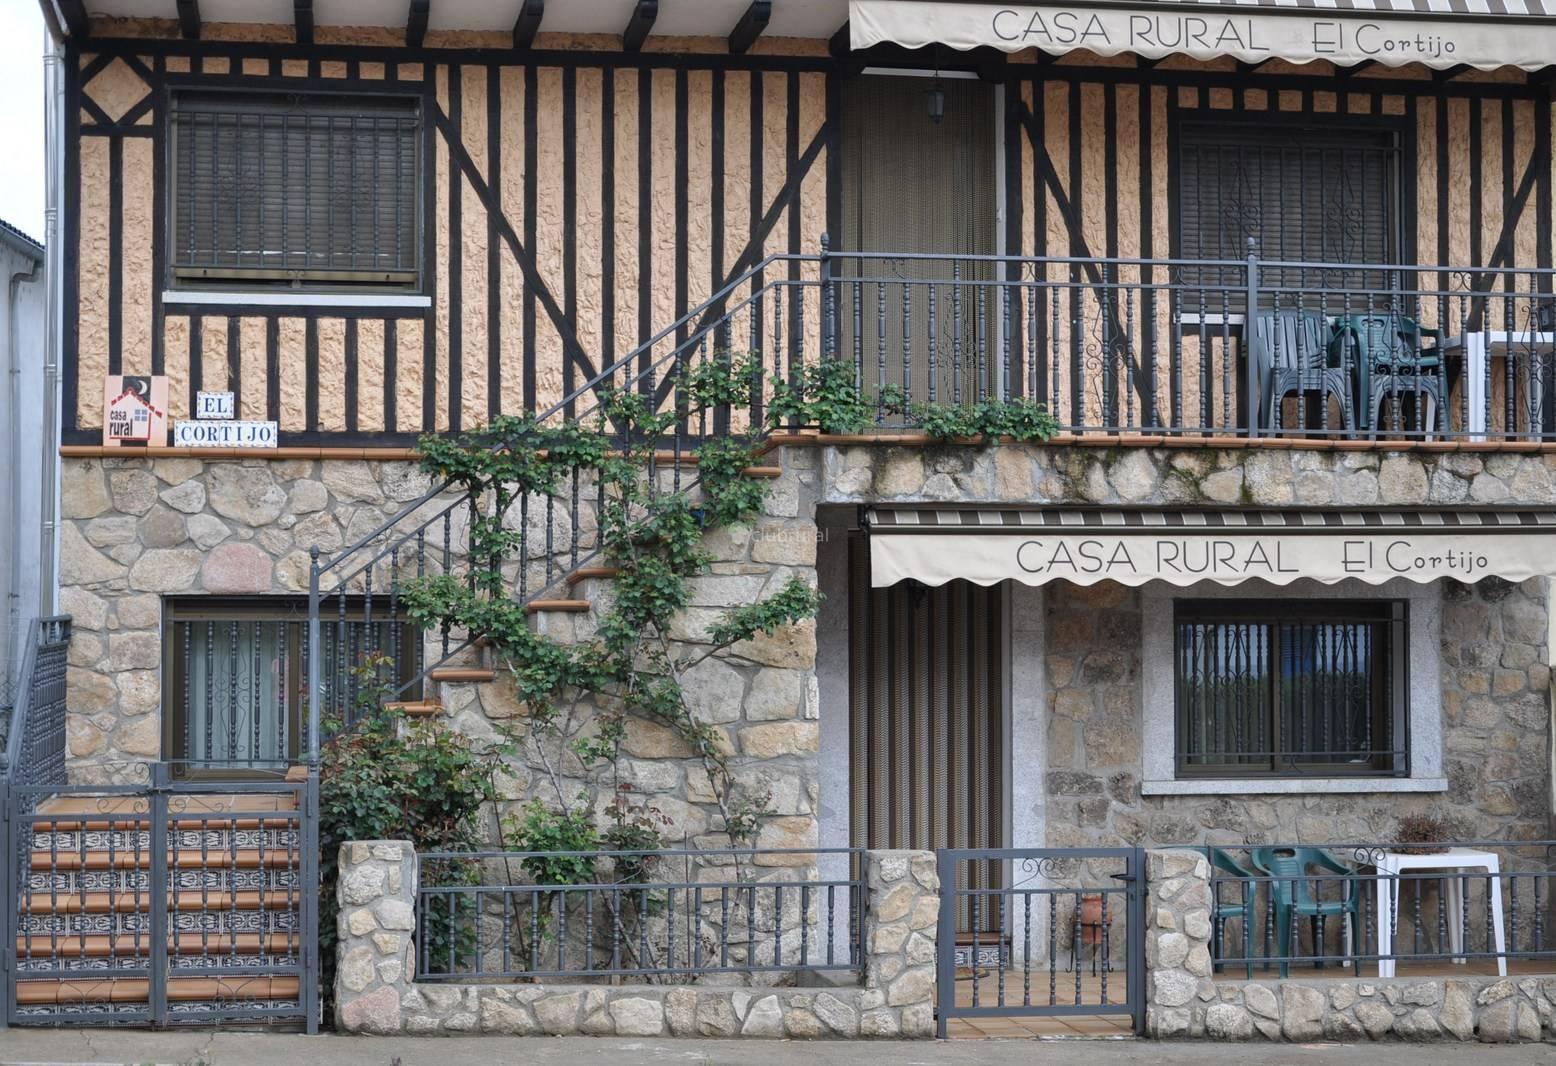 Fotos de el cortijo salamanca sotoserrano clubrural - Casa rural sotoserrano ...